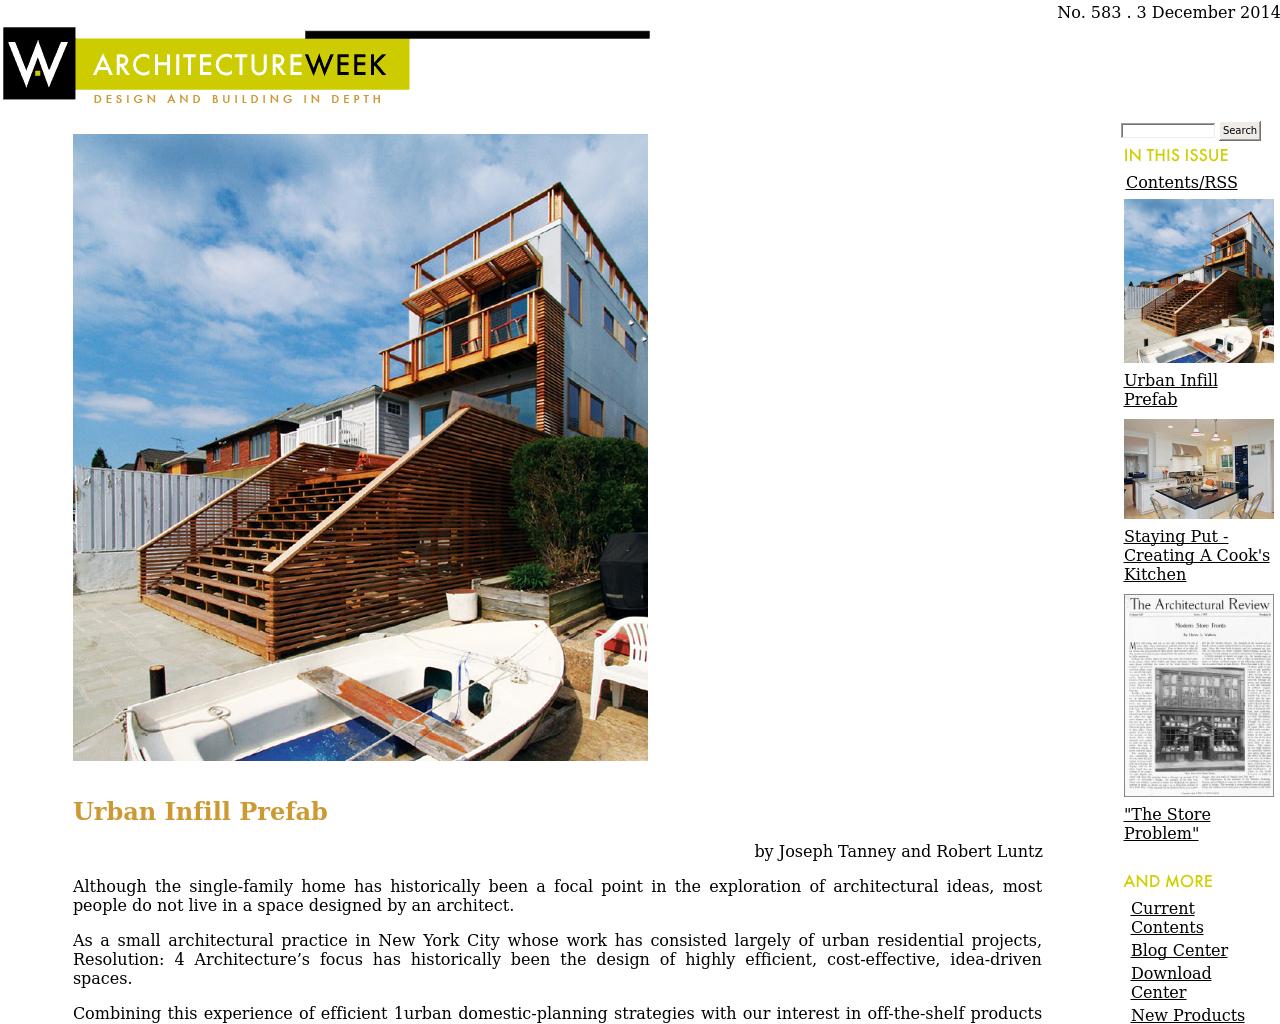 ArchitectureWeek-Advertising-Reviews-Pricing